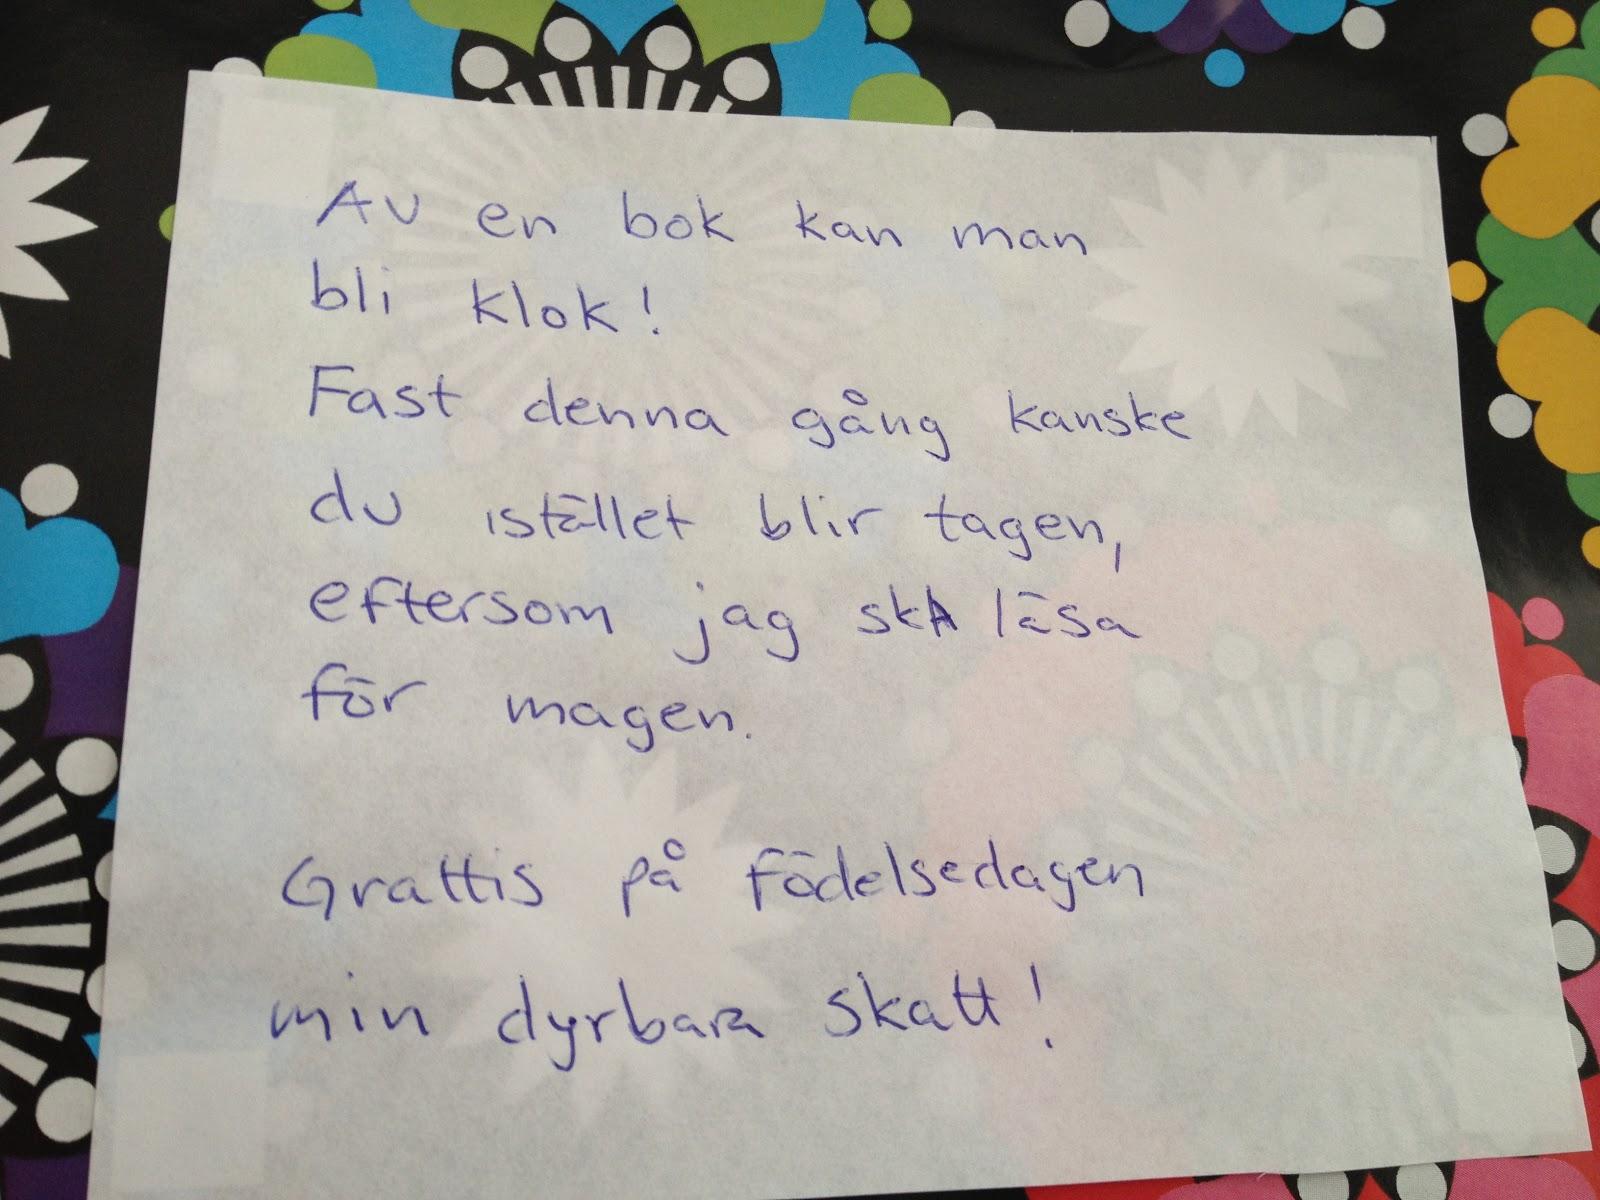 roliga rim födelsedag norrlandskontakten se